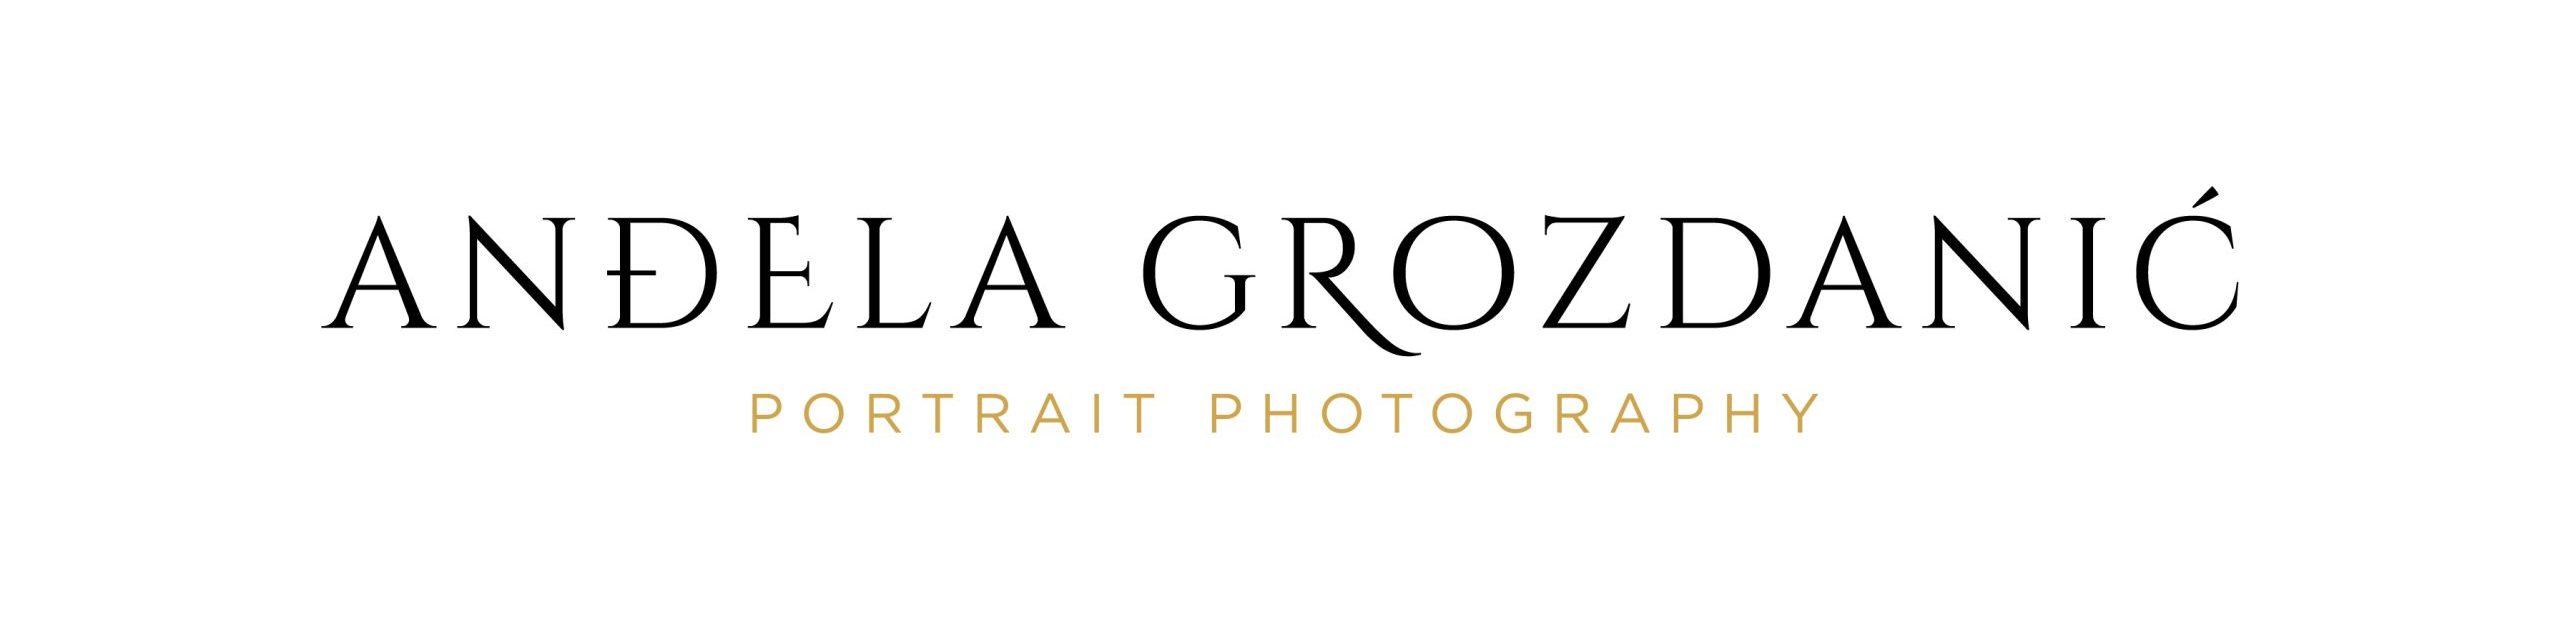 Andjela Grozdanic Photography